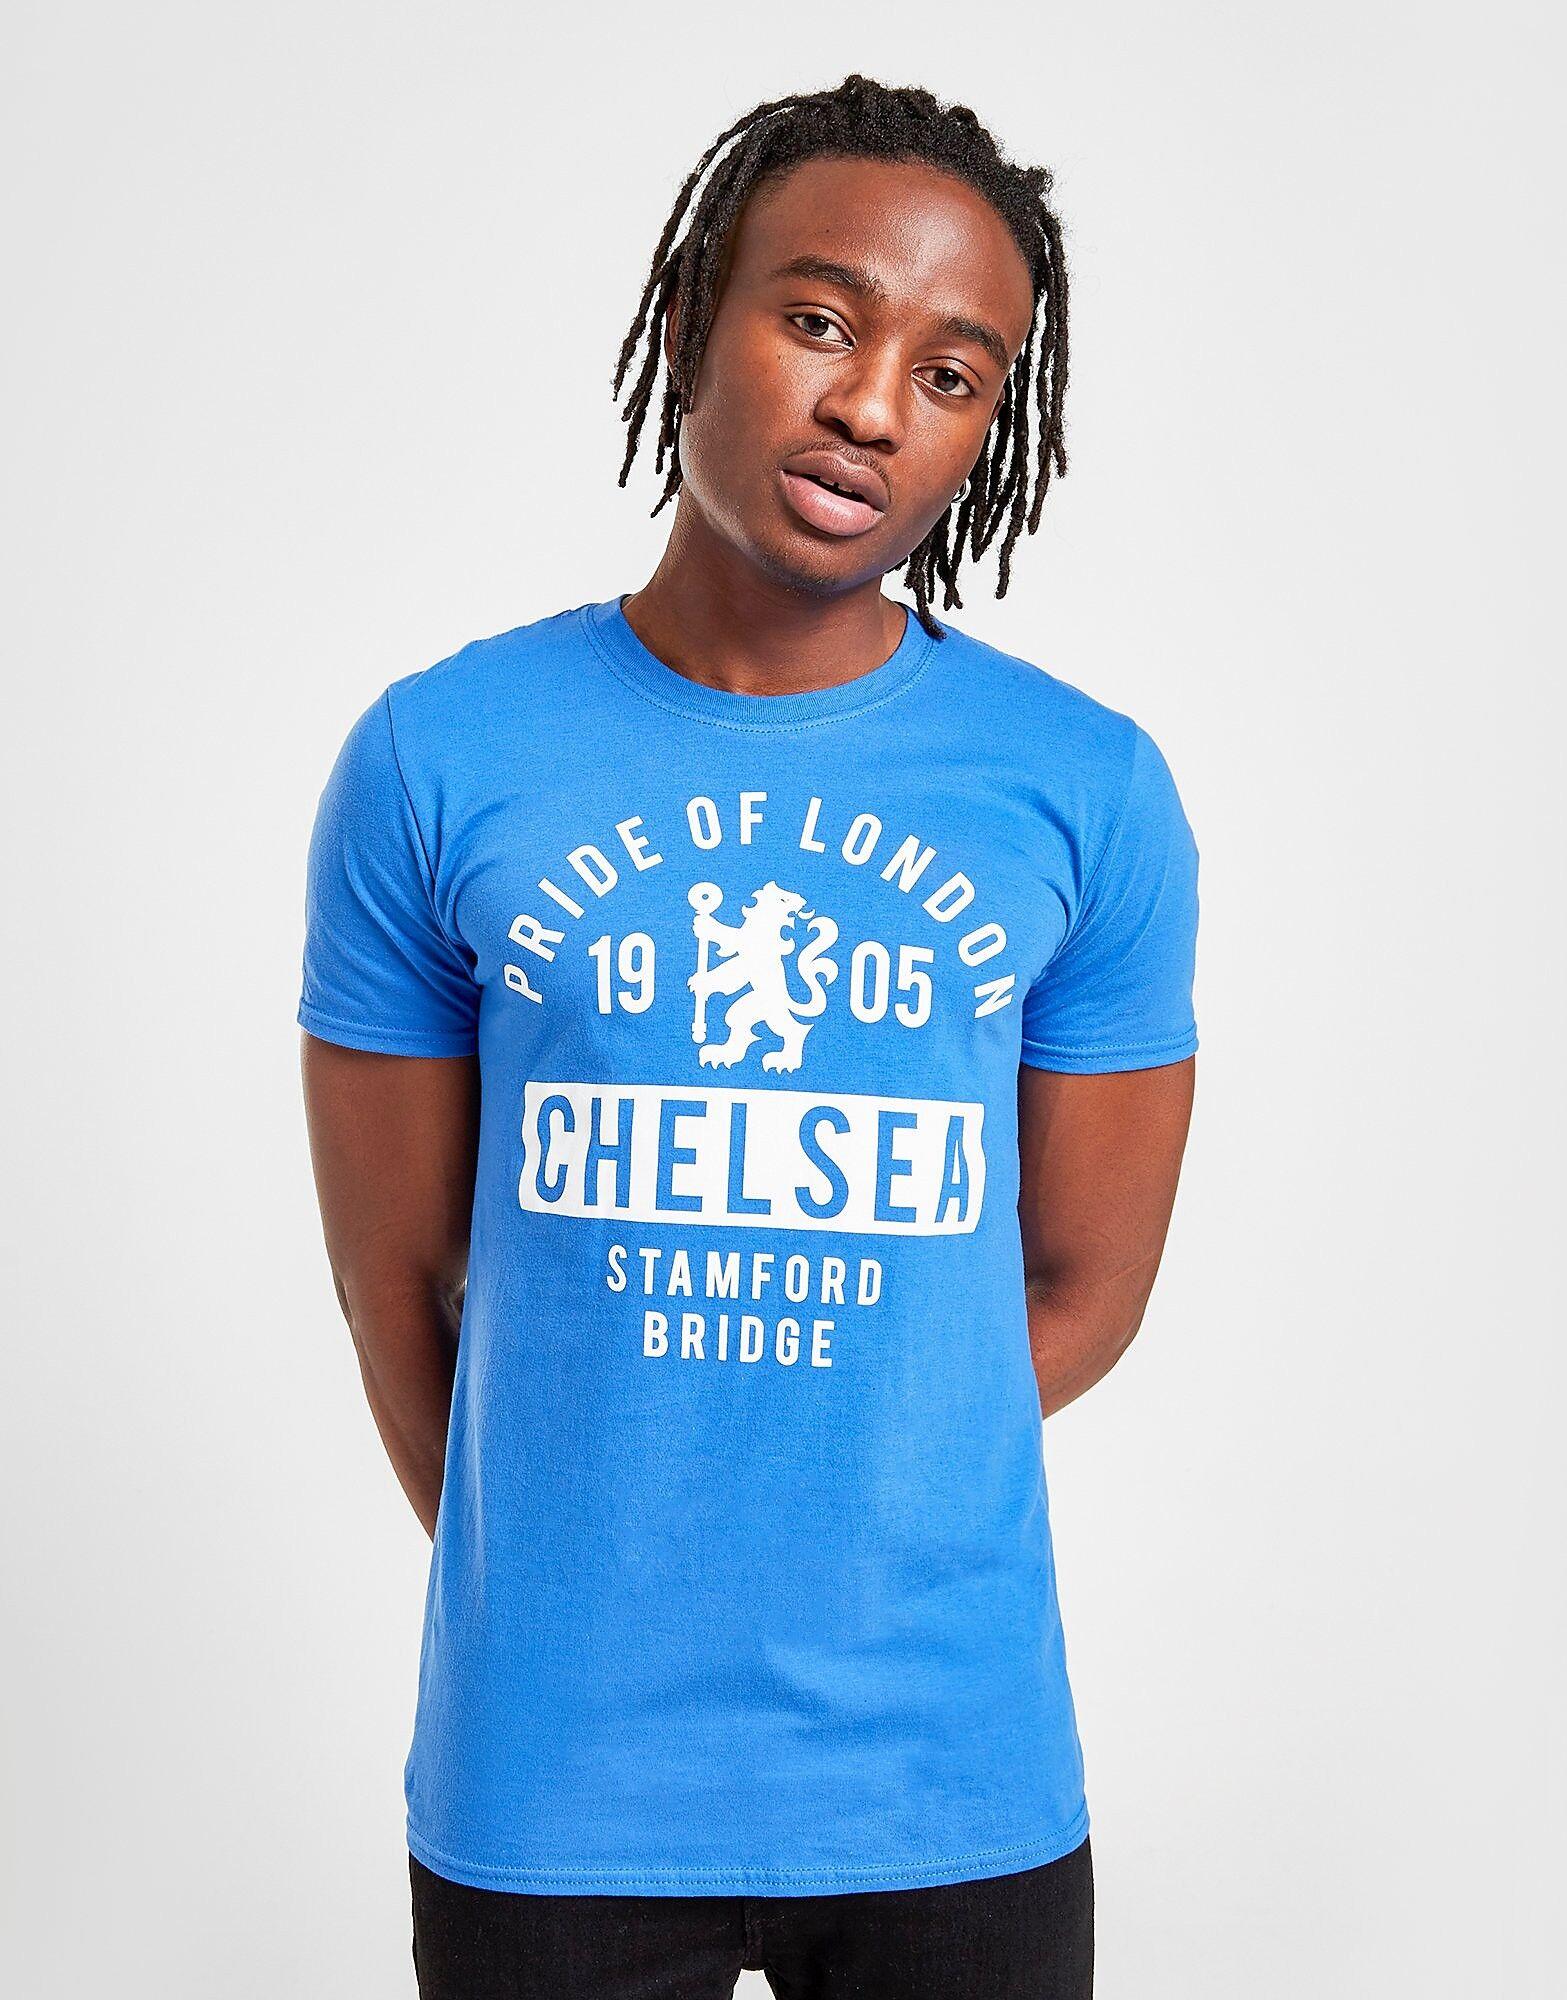 Official Team Chelsea FC Pride t-paita Miehet - Mens, Sininen